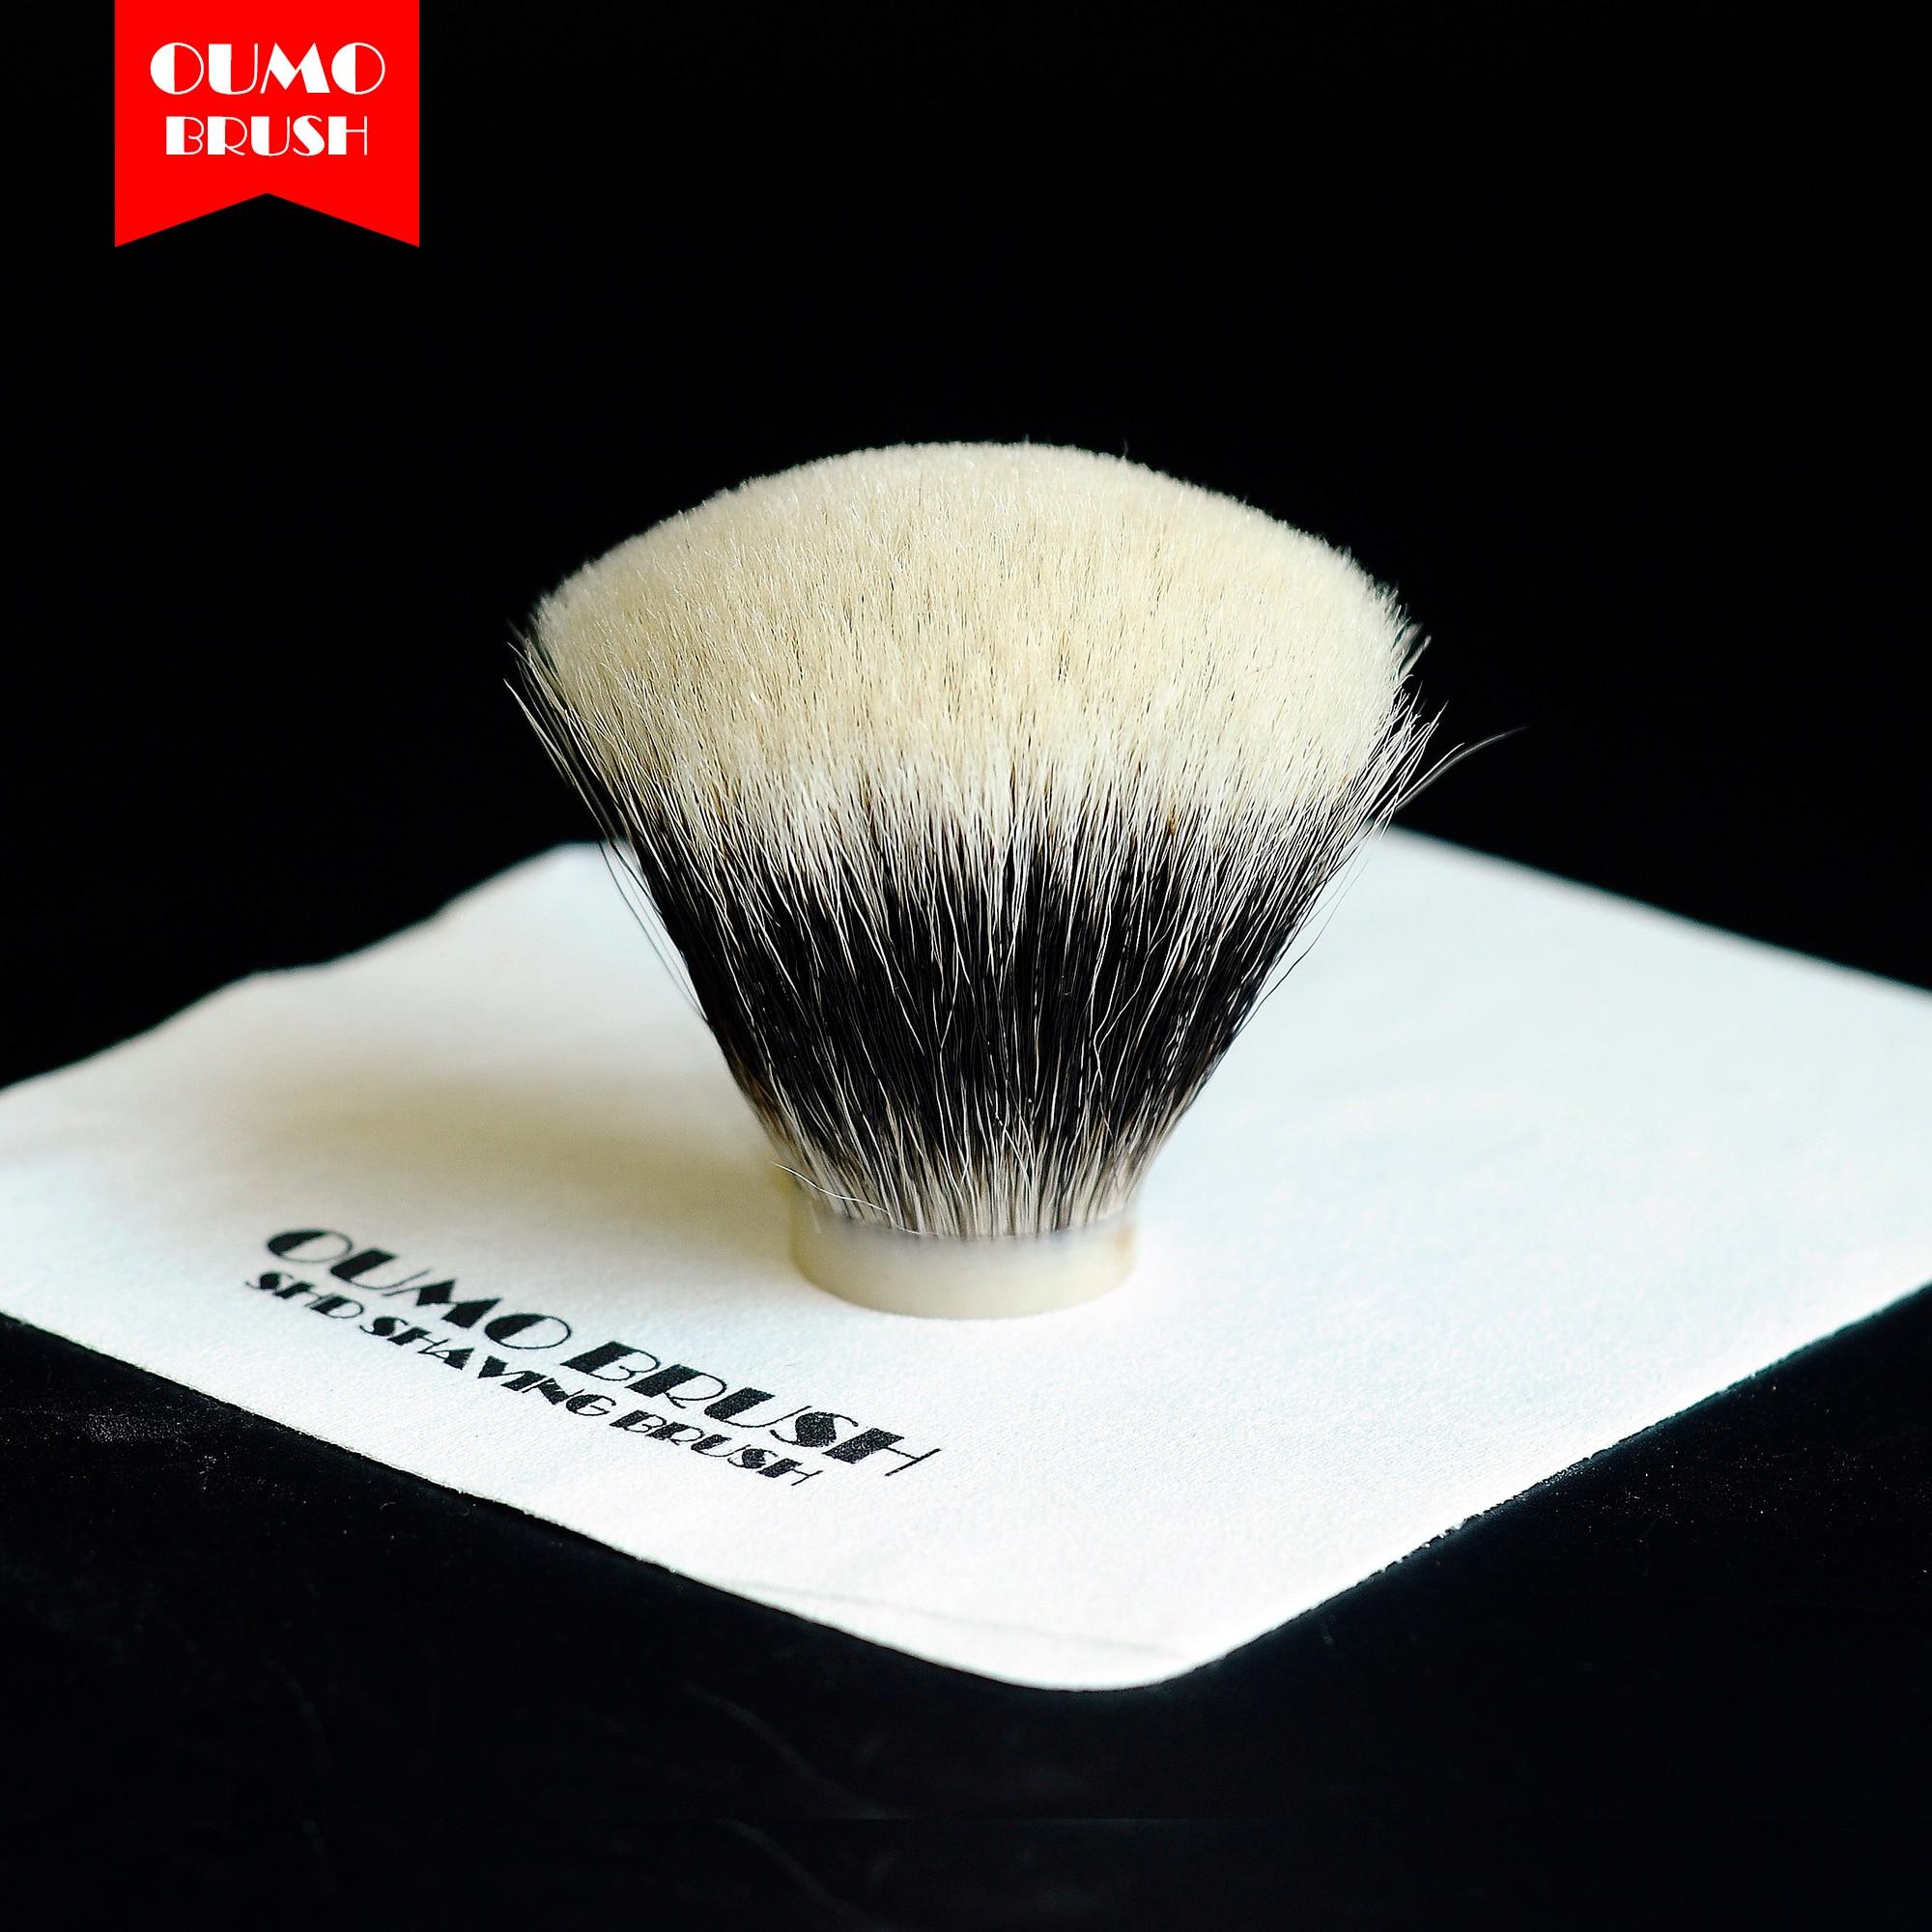 Oumo Brush-Fan Shd Handmaster Finest Badger Nodo Di Capelli Pennello Da Barba Nodi Gel Punta.